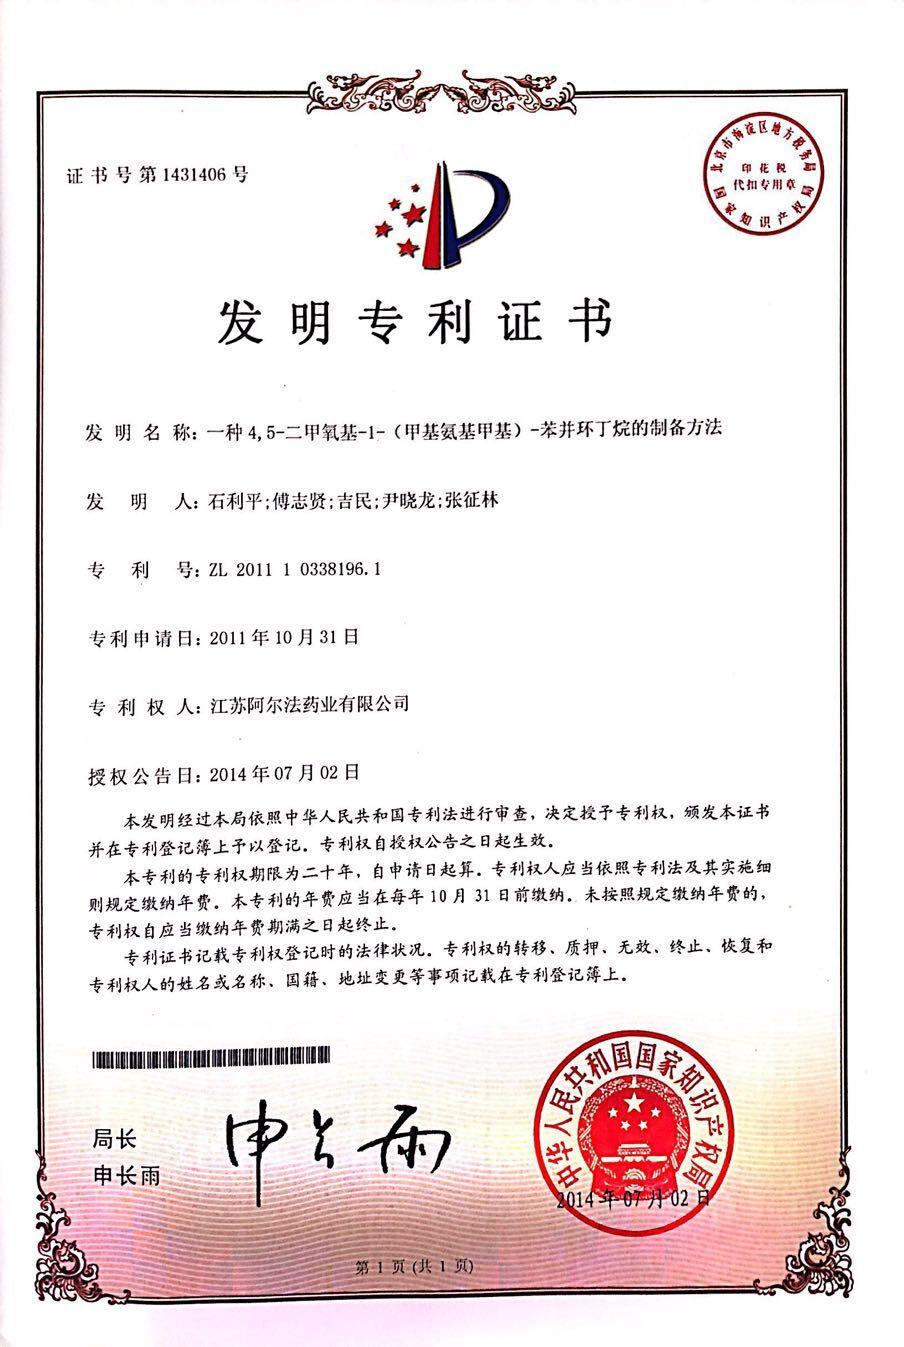 榮譽-專利-7.一種4,5-二甲氧基-1--甲基氨基甲基-苯并環丁烷的制備方法